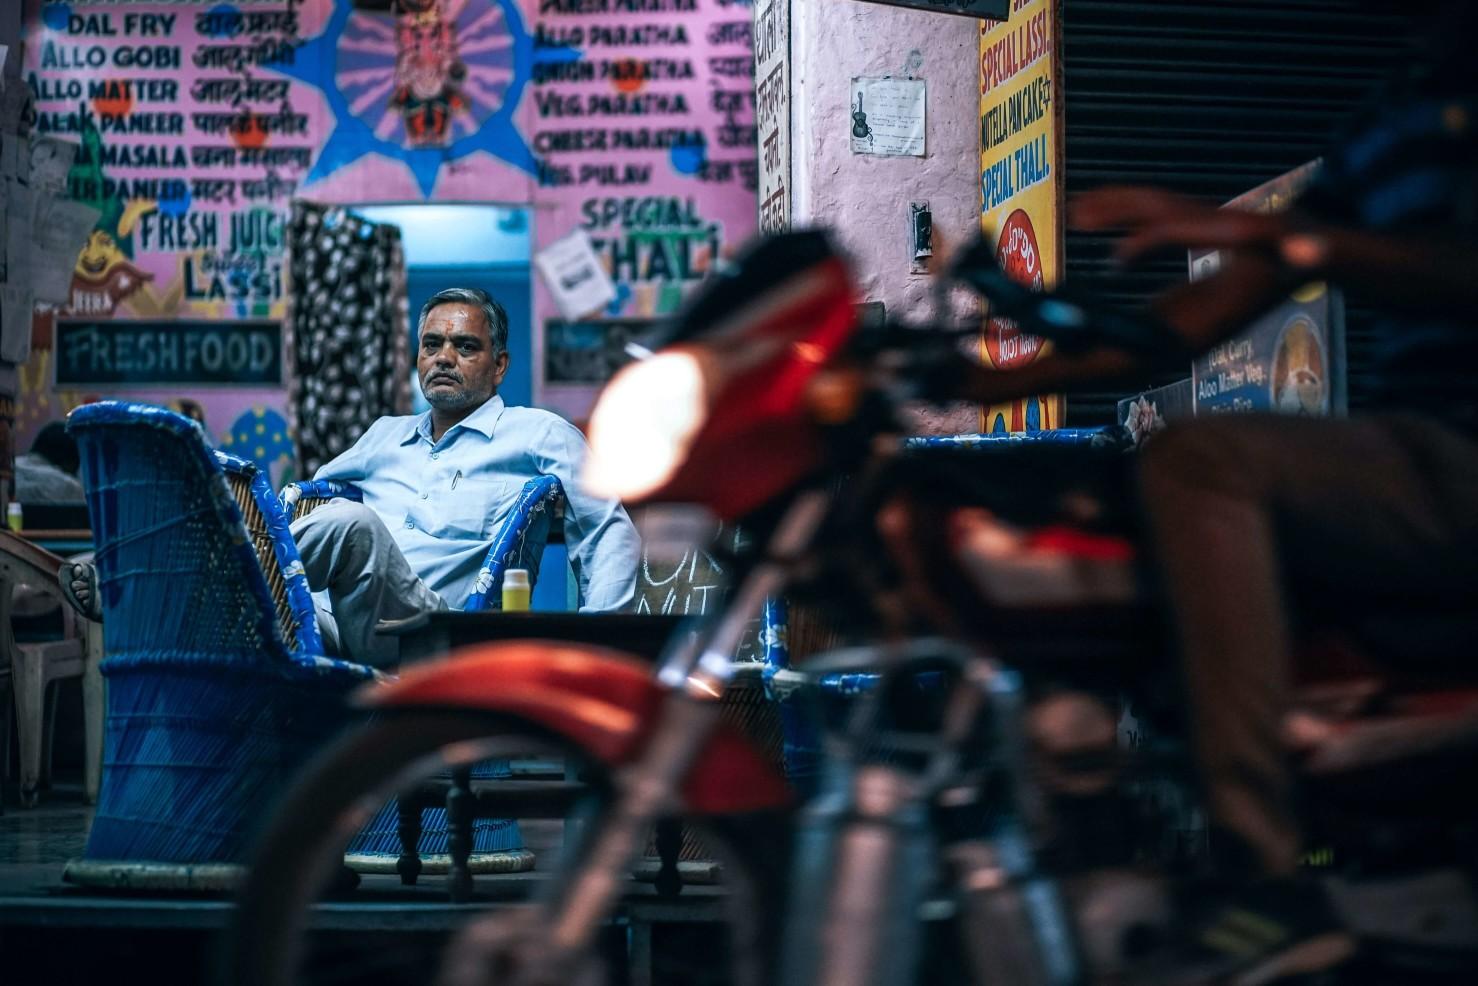 印度 男人 街景